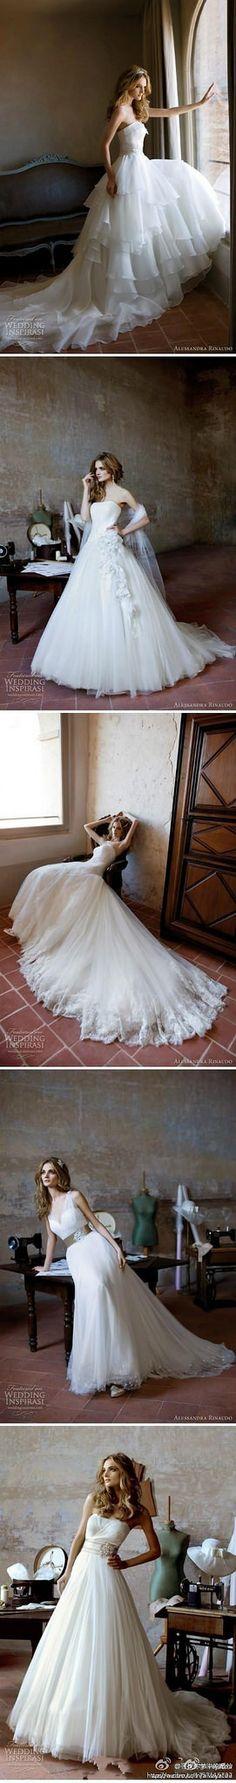 https://flic.kr/p/BPtiED   Trouwjurken   Wedding Dress, Wedding Dress Lace, Wedding Dress Strapless   www.popo-shoes.nl